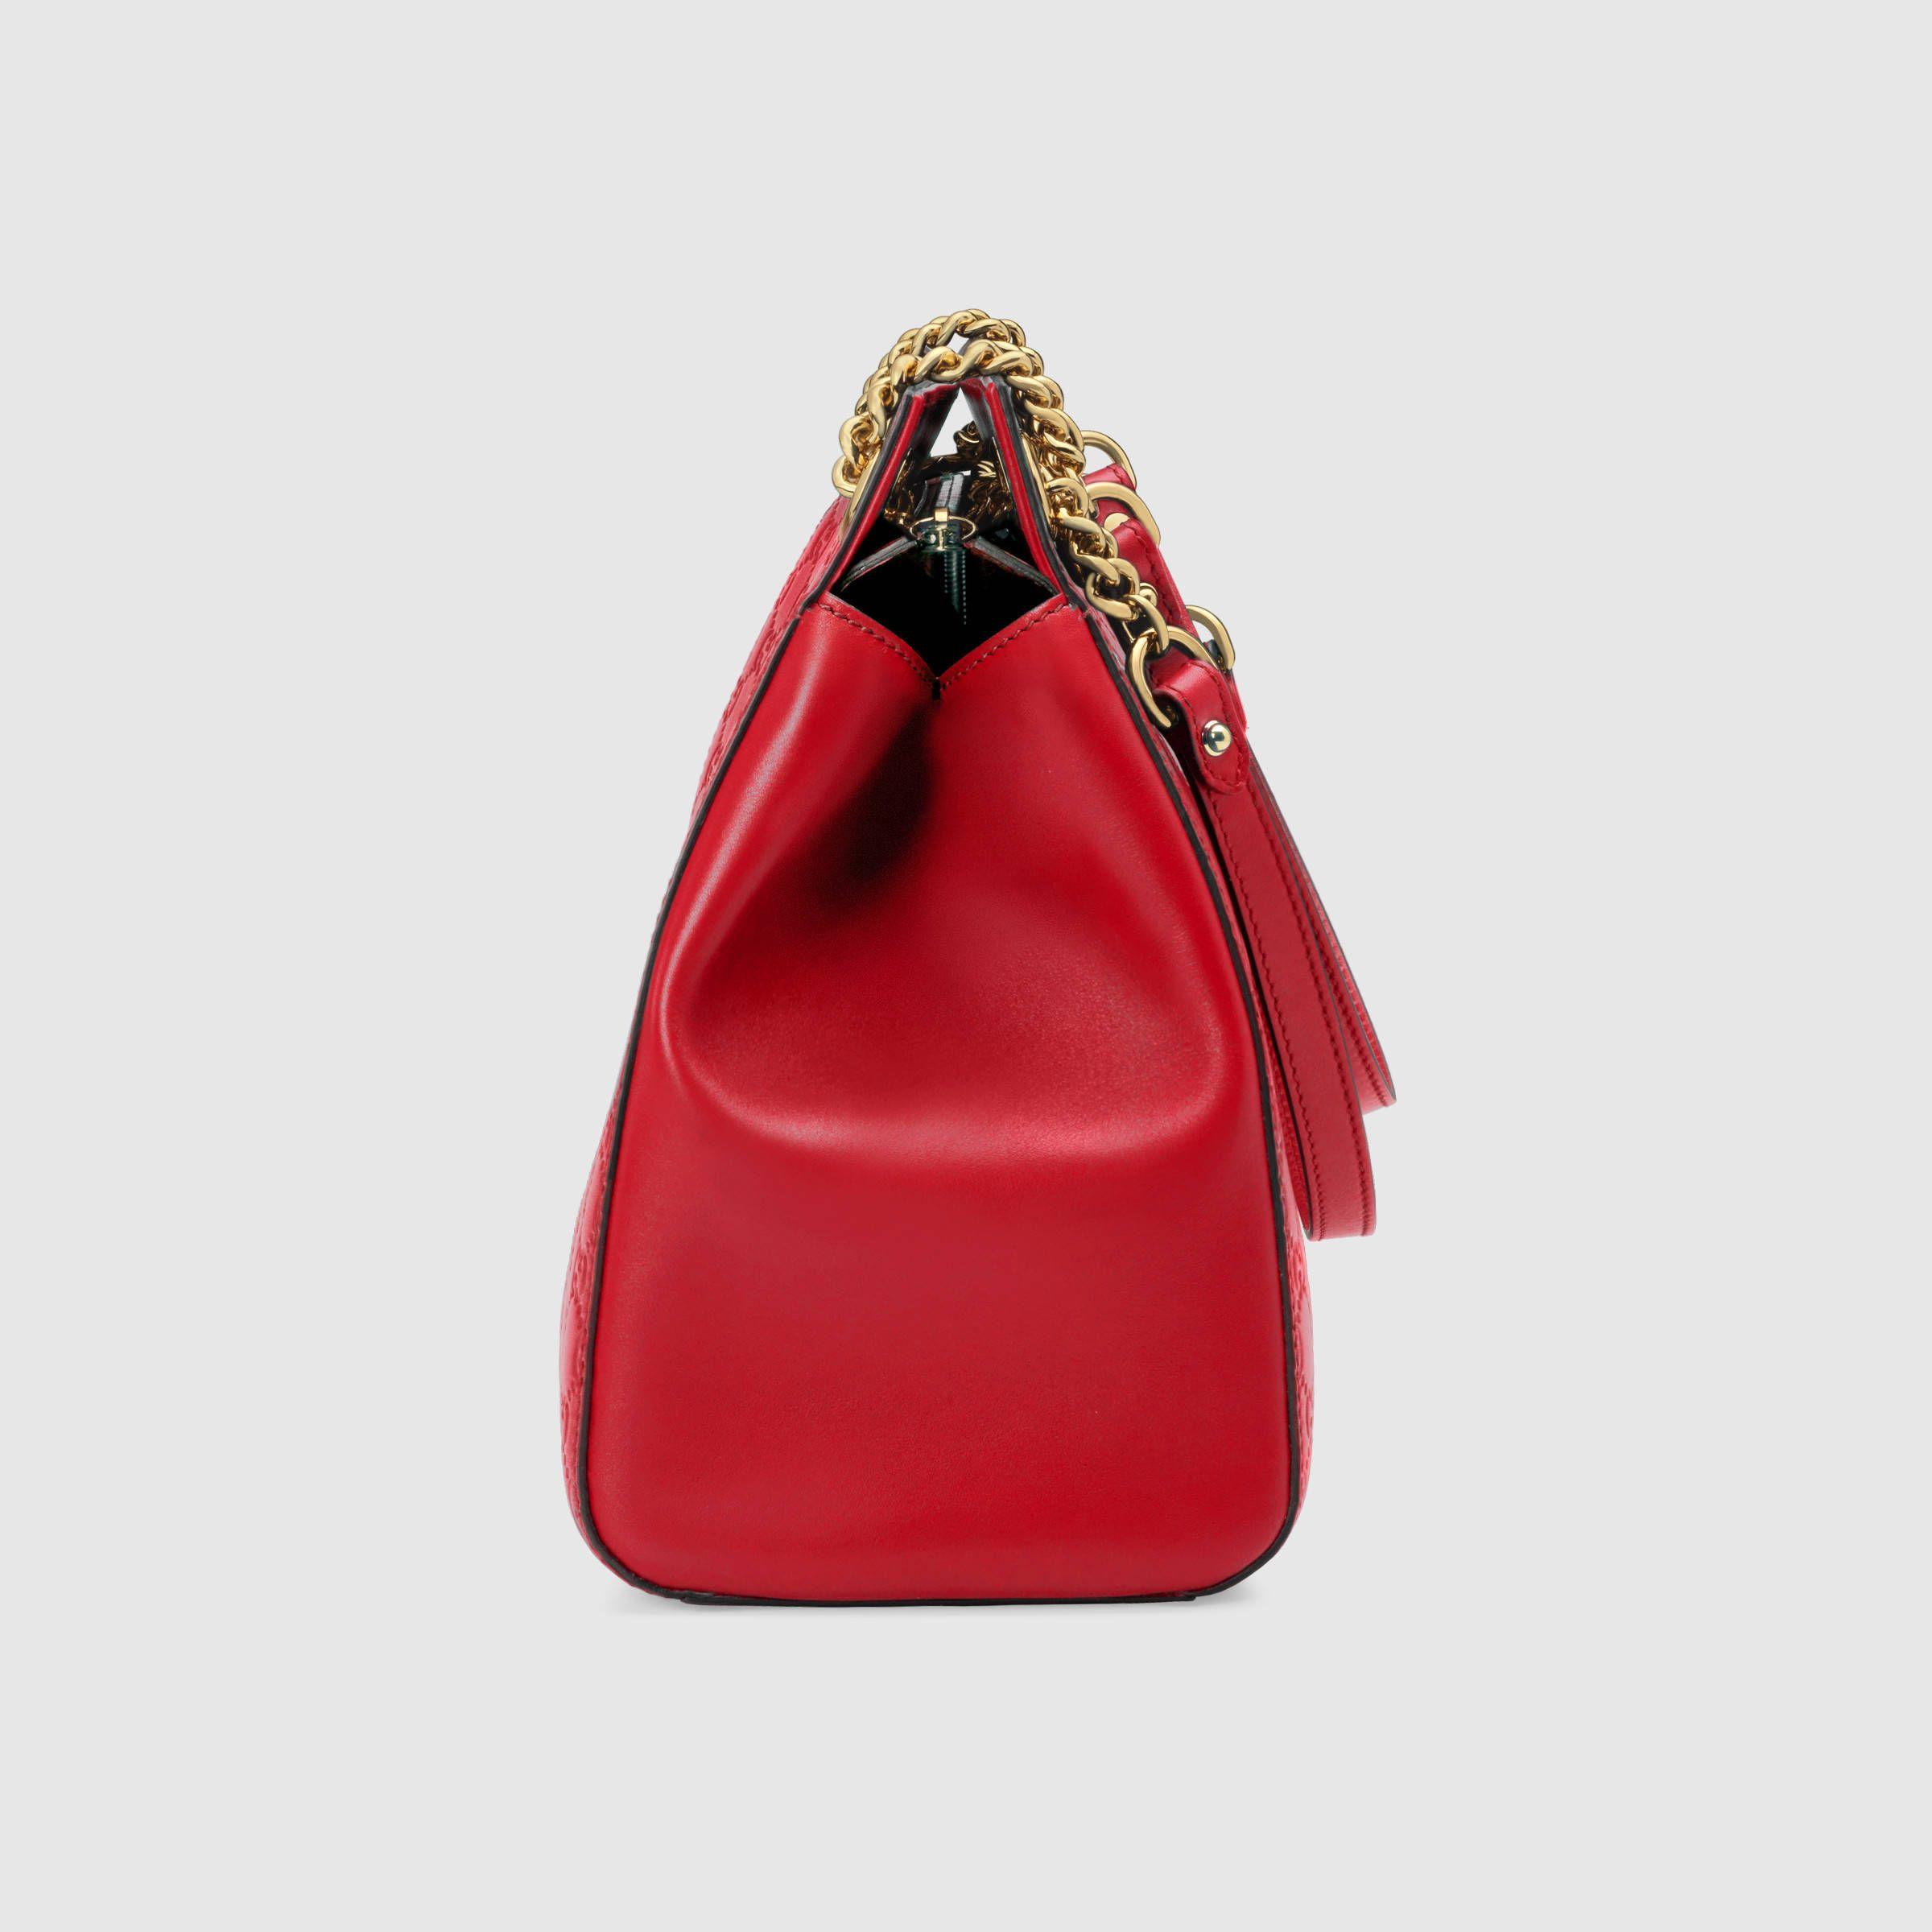 31215c2f4f Risultati immagini per borsa gucci signature rosso | borse e affini ...